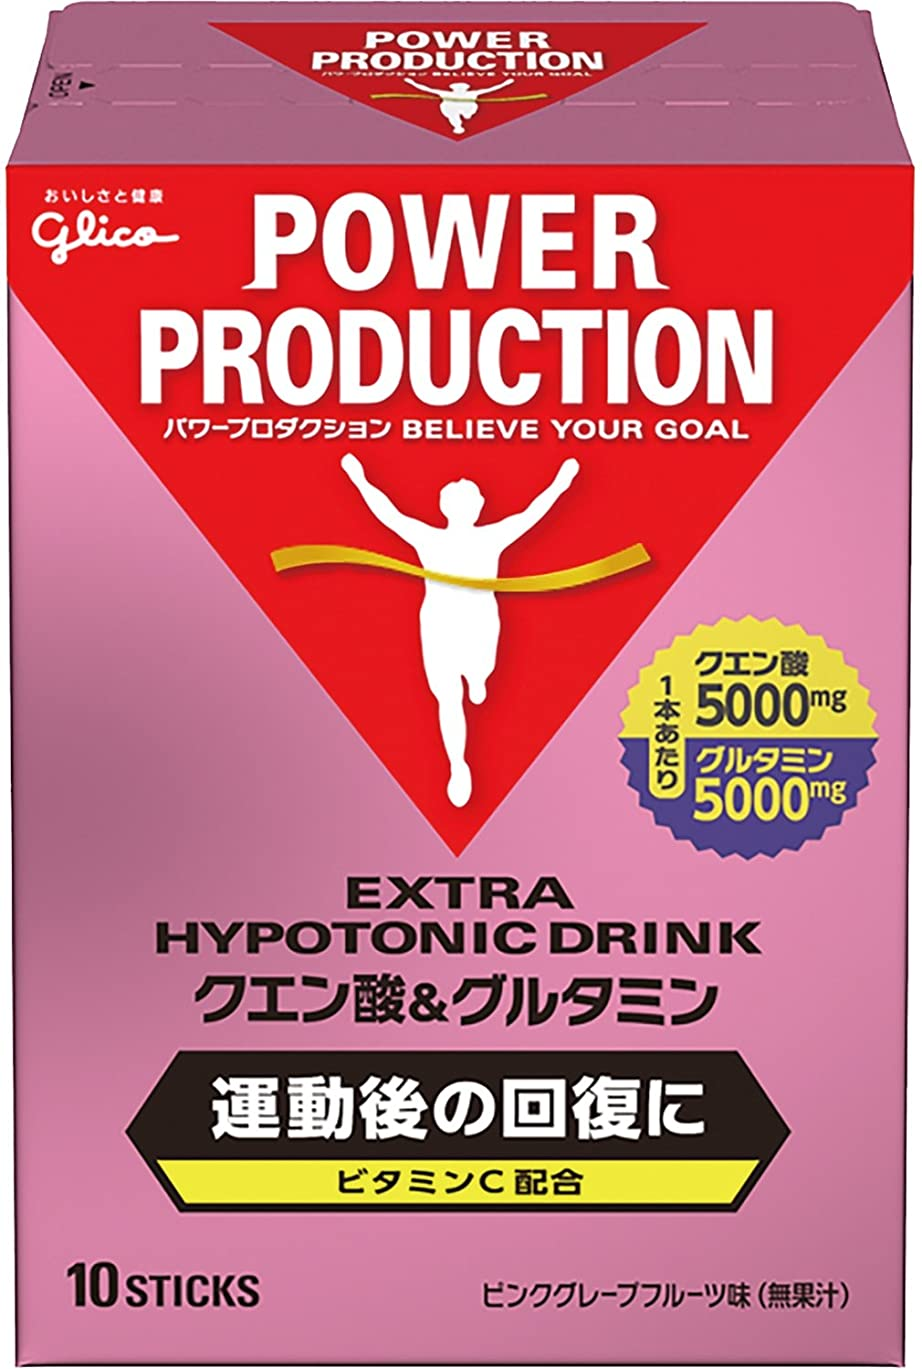 直接忘れる洞察力グリコ パワープロダクション エキストラ ハイポトニックドリンク クエン酸&グルタミン ピンクグレープフルーツ味 1袋 (12.4g) 10本